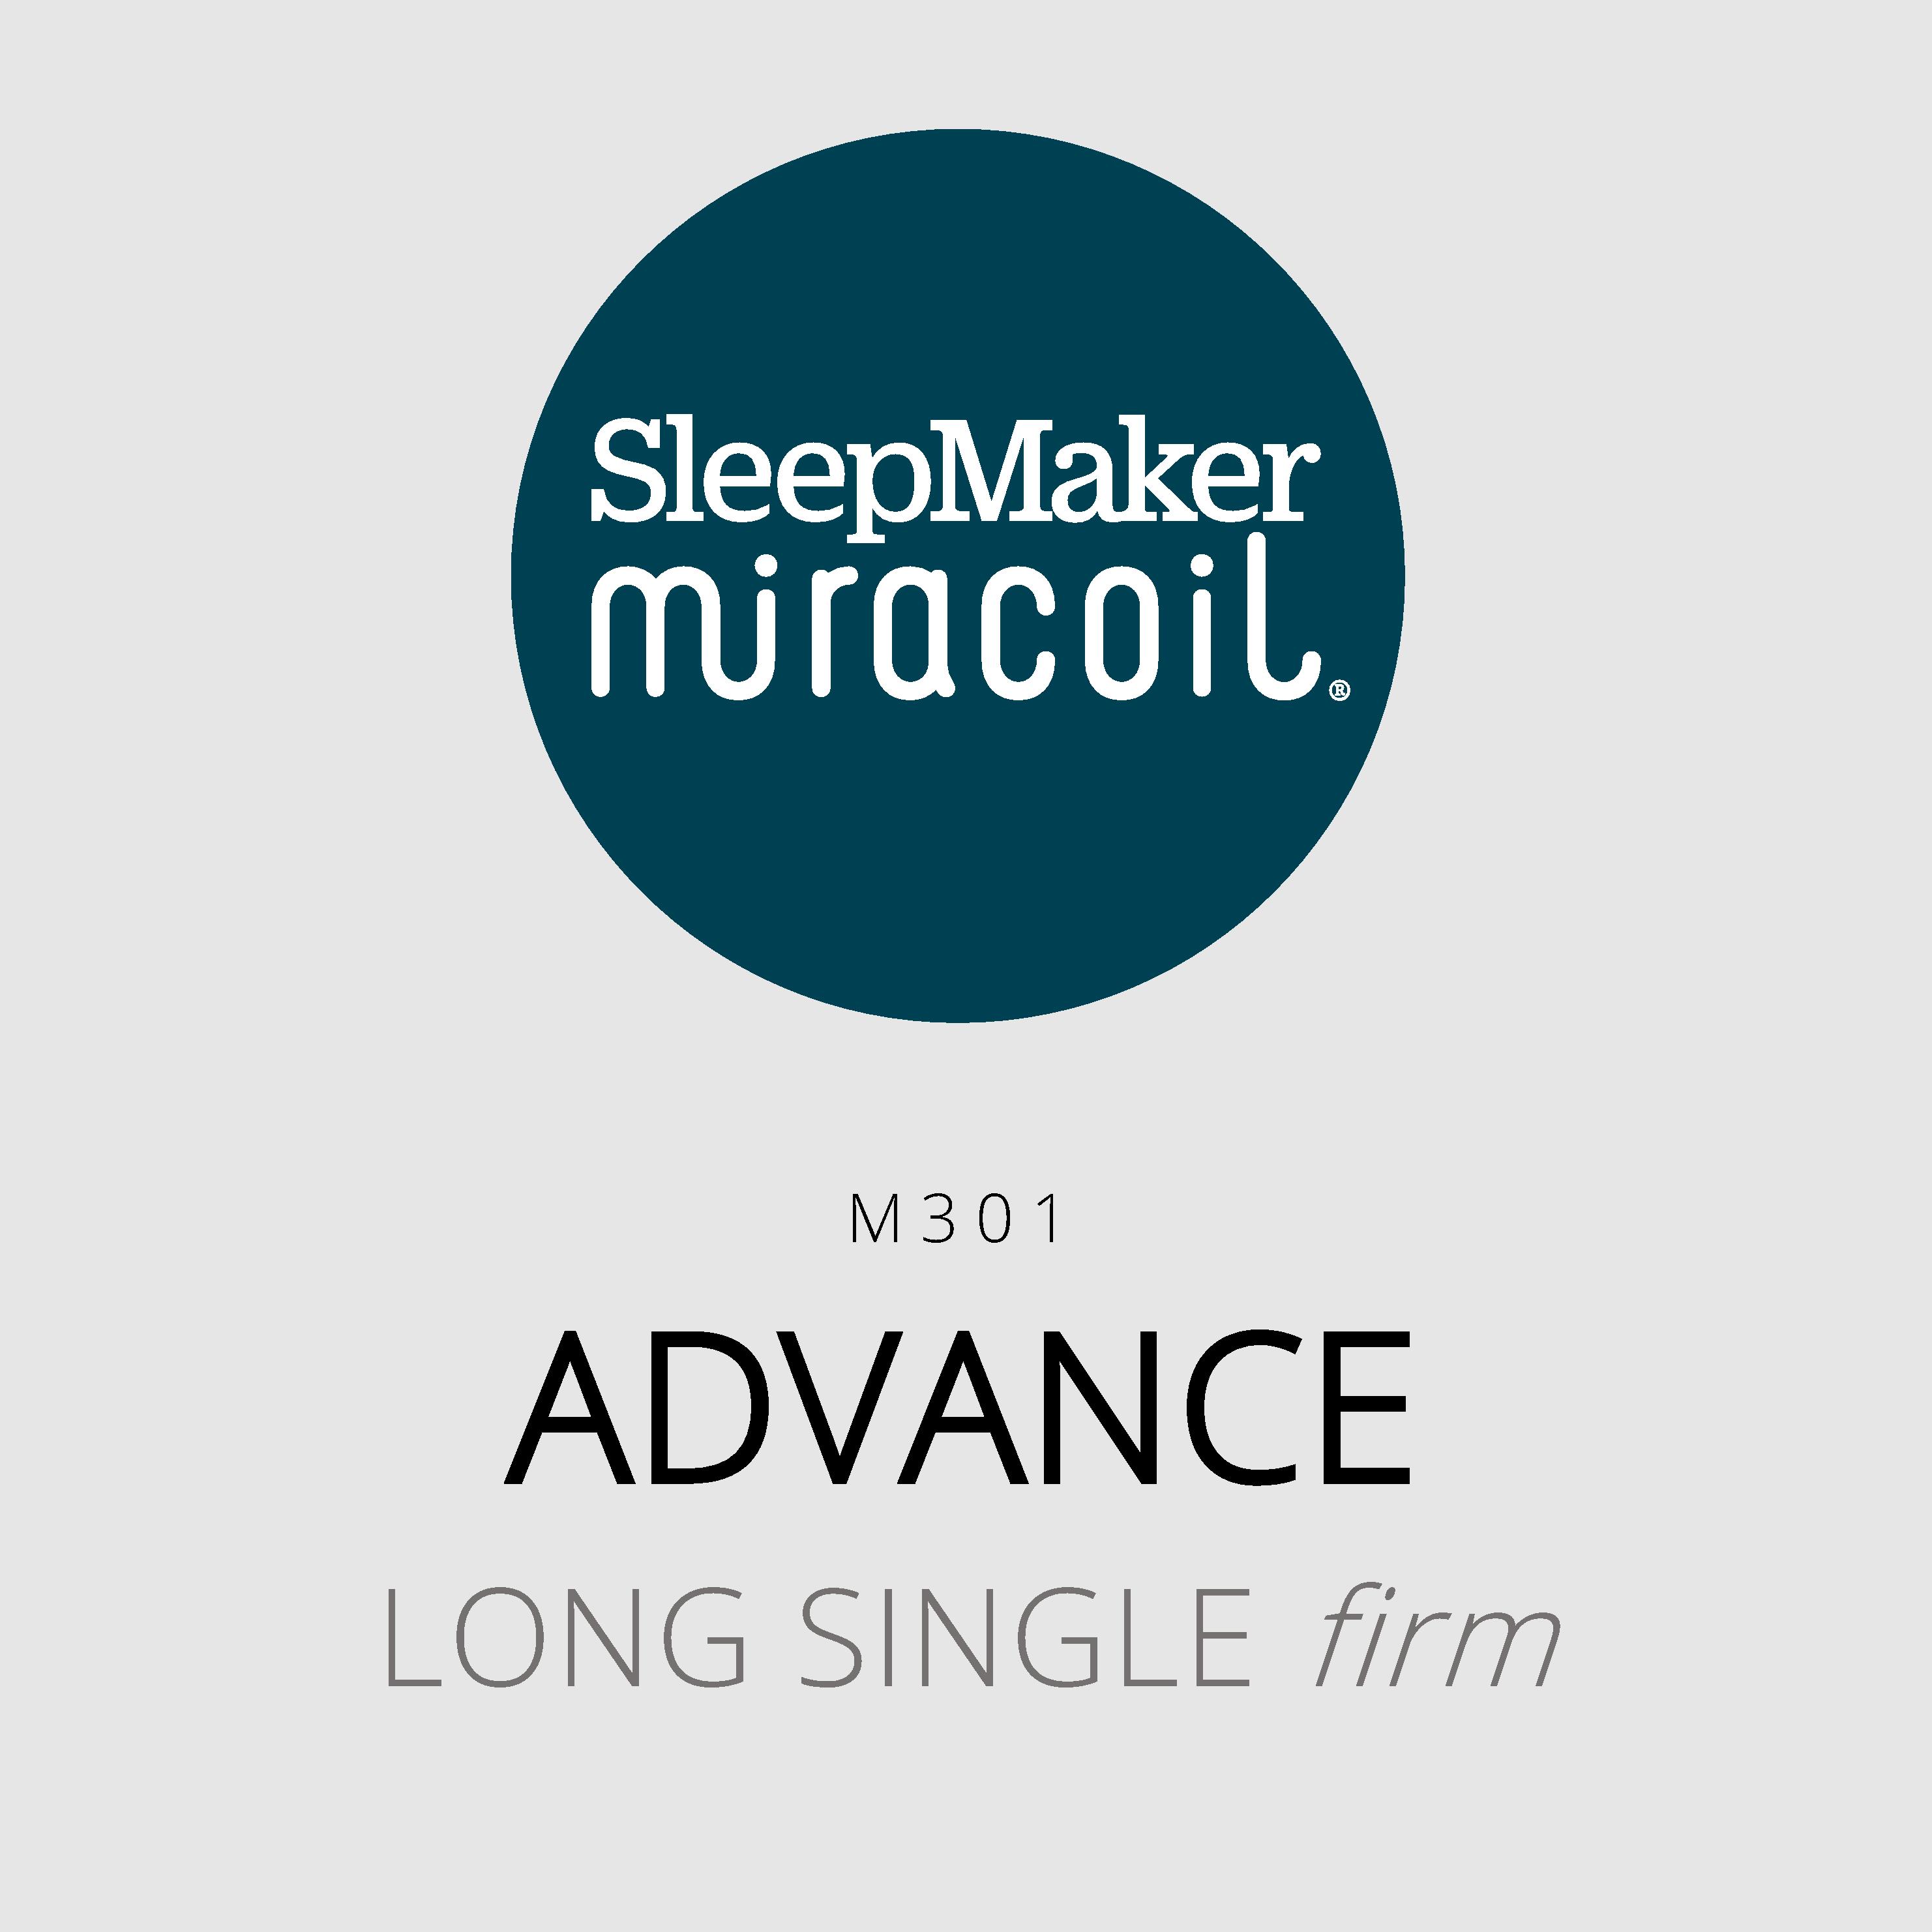 SleepMaker Miracoil – Advance – M301 – Long Single Firm Mattress